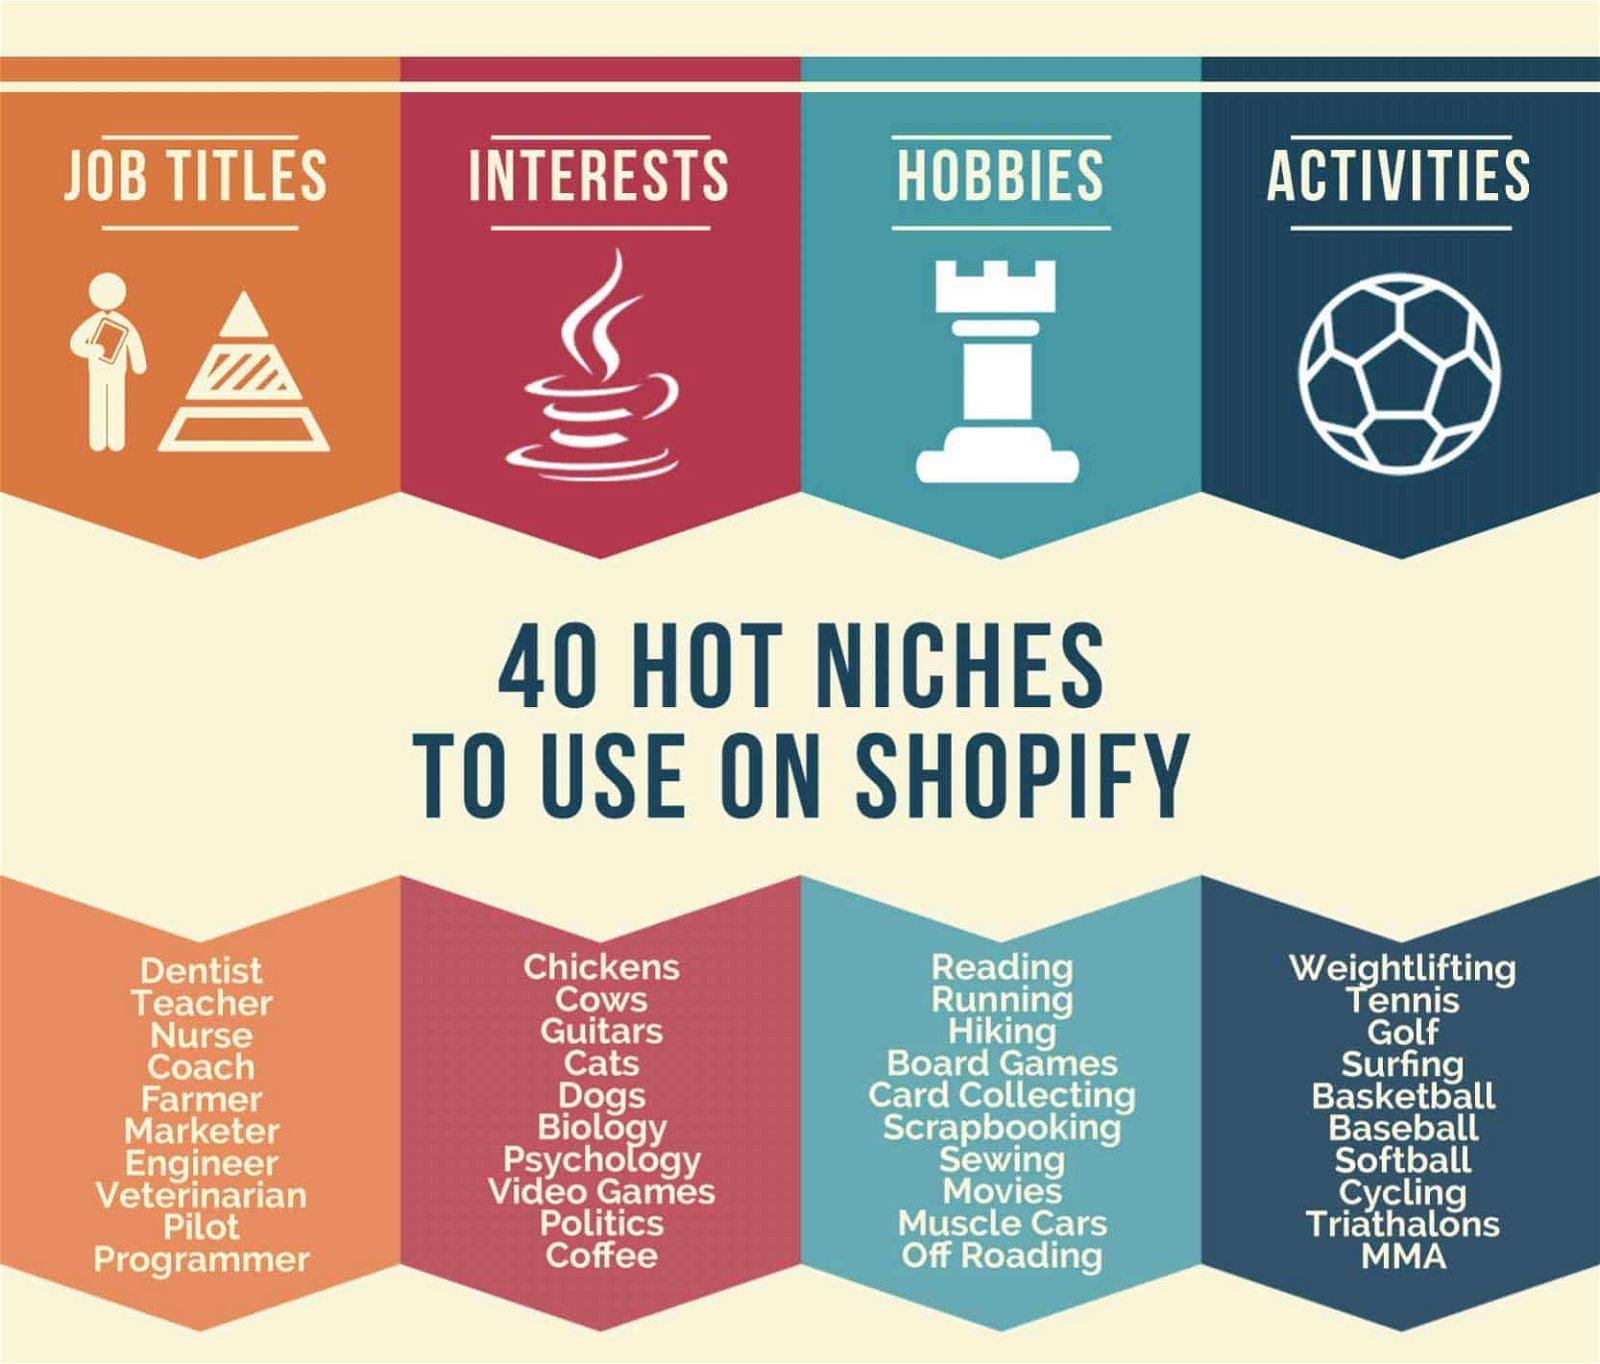 Come costruire uno store shopify da $35,842.49 (in 5 step pratici) 1